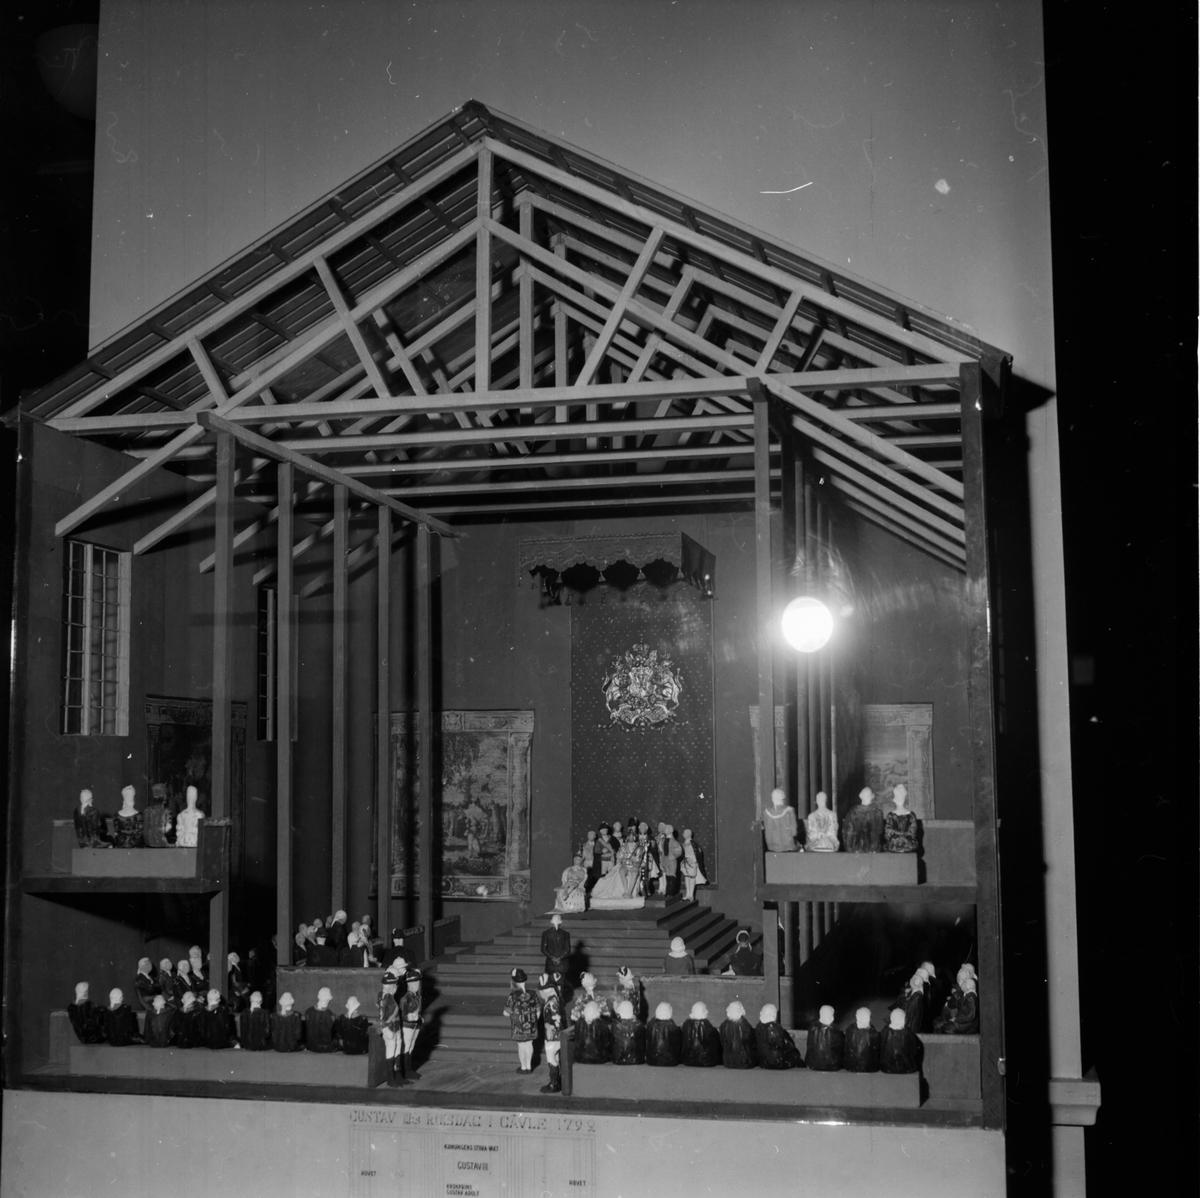 En vandringsutställning om regeringsformen 1809 visades på Gävle Museet mellan den 10/1 - 24/1 1960.